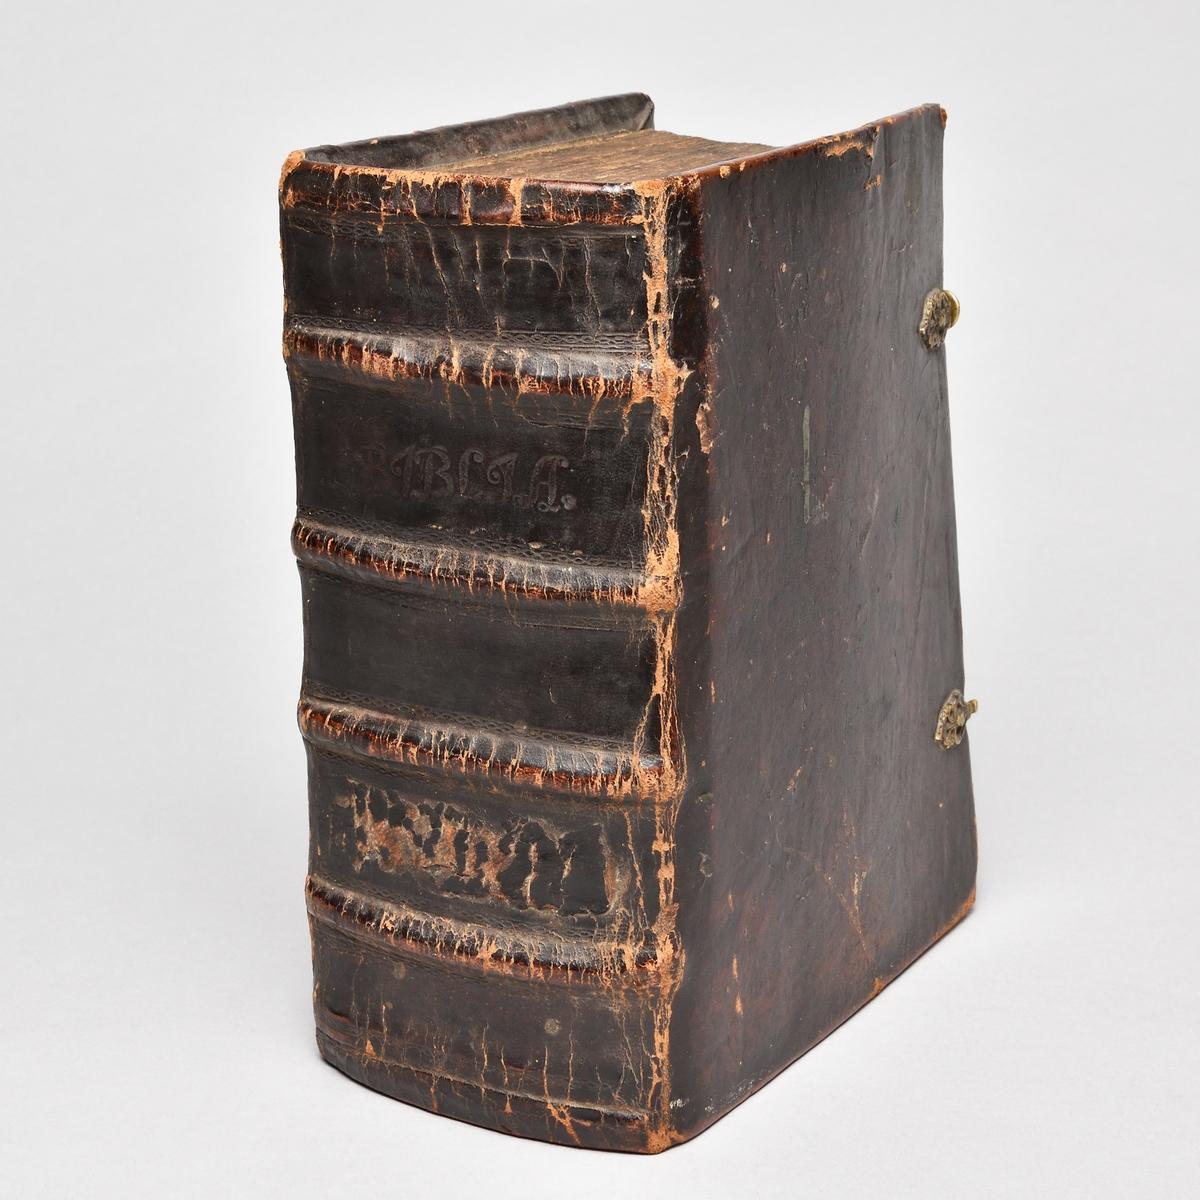 Bibel med band av skinn, rygg med fyra upphöjda bind. Två bokspännen av skinn och mässingsknäppen.